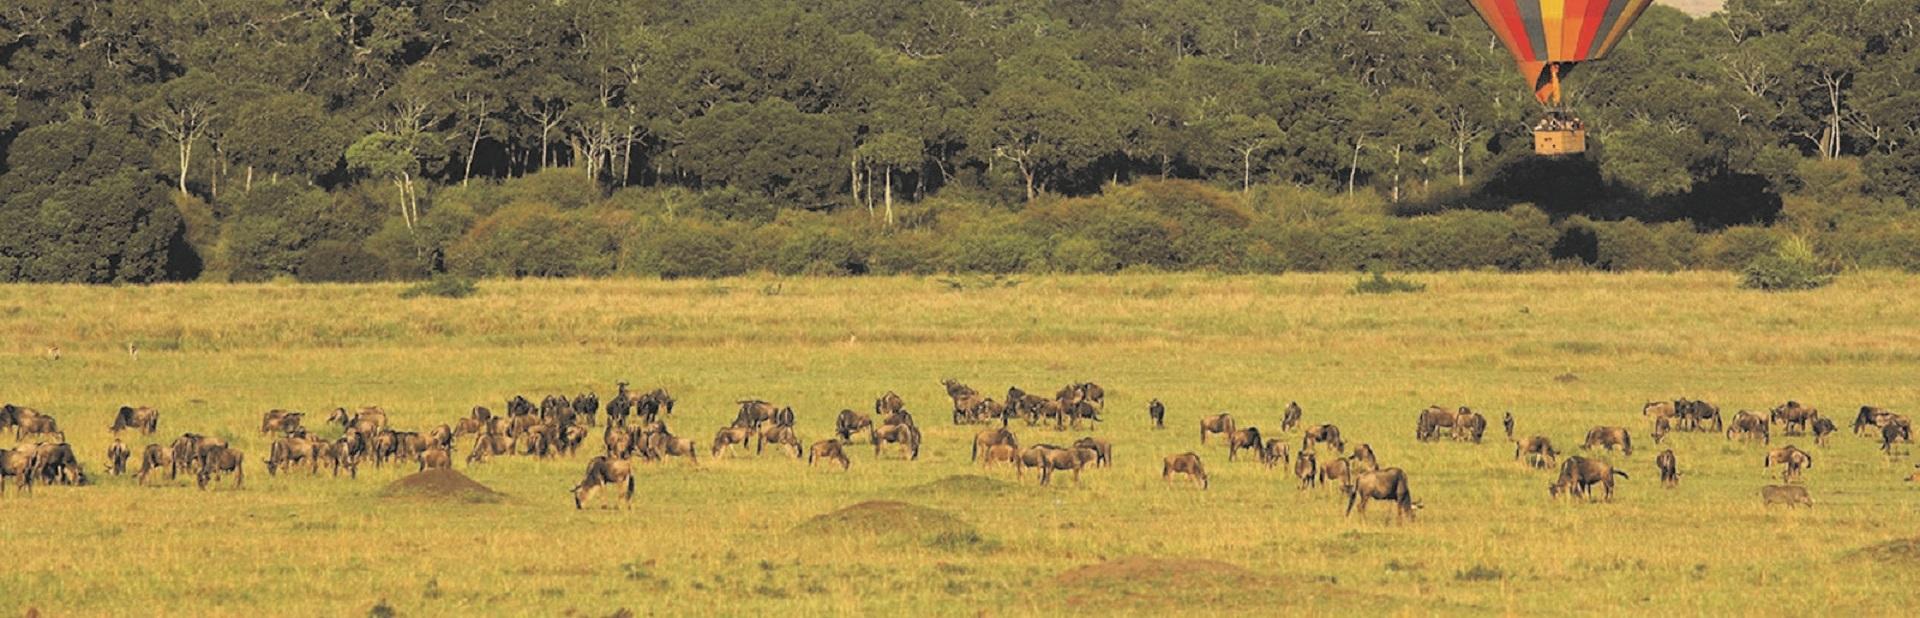 masai-mara-balloon-safari-feature (3)